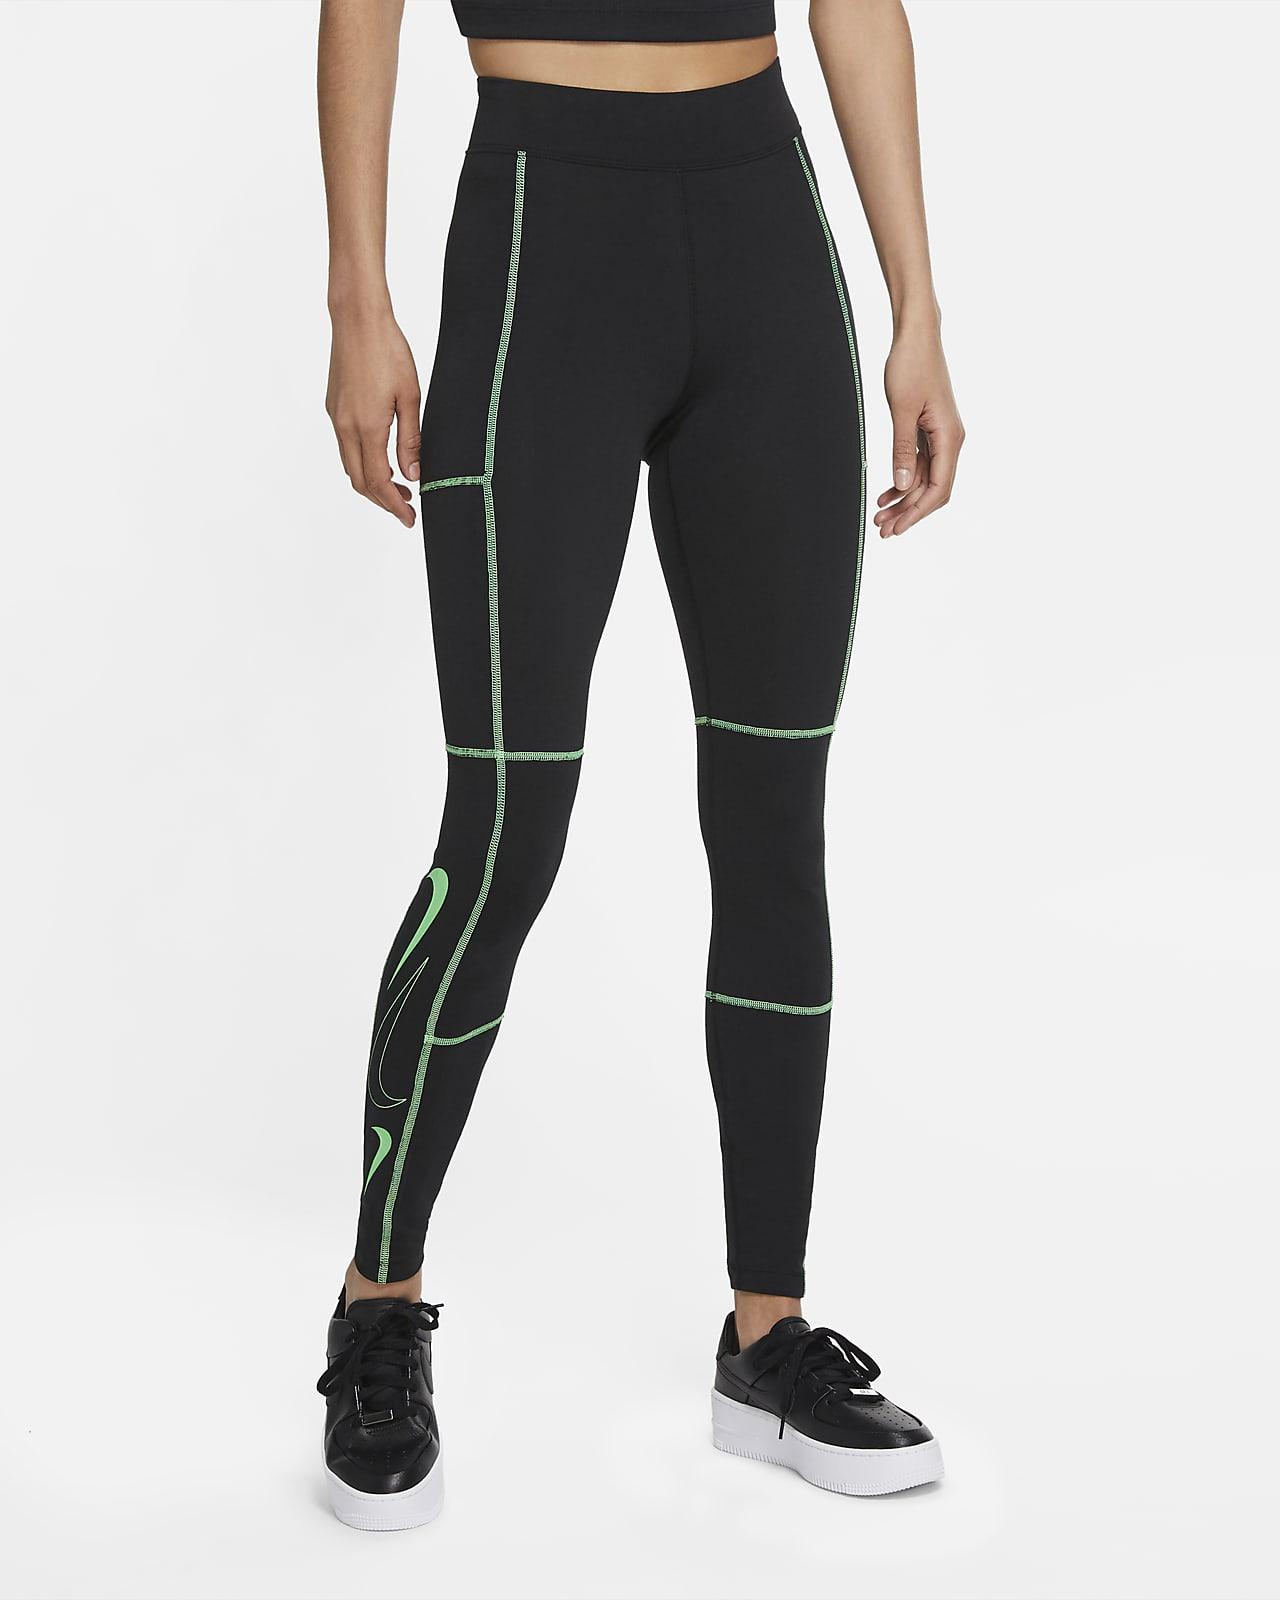 Nike Sportswear Swoosh Women's High-Waisted Leggings